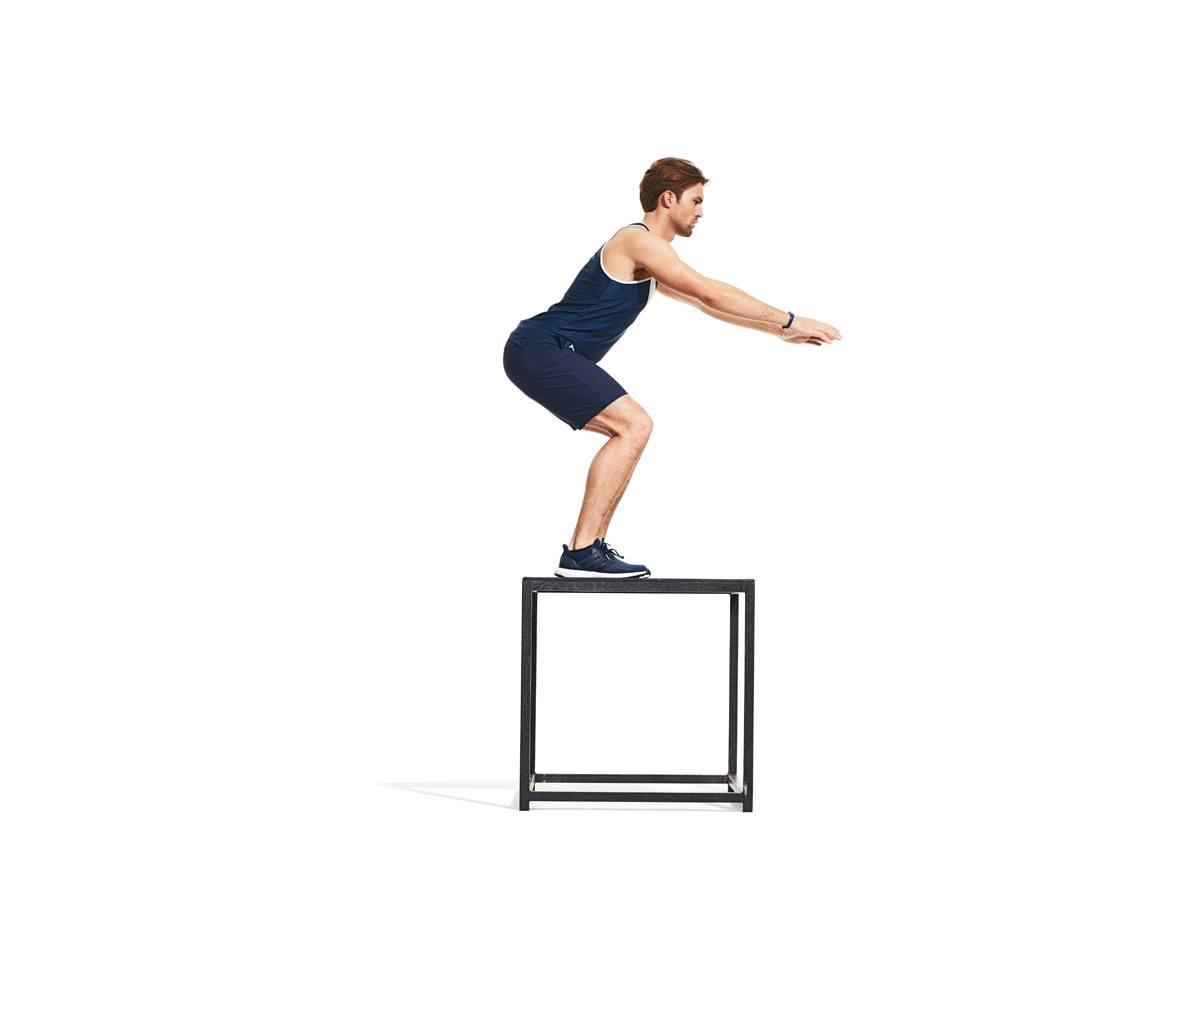 Прыжки на тумбу (коробку) в кроссфите: техника выполнения упражнения